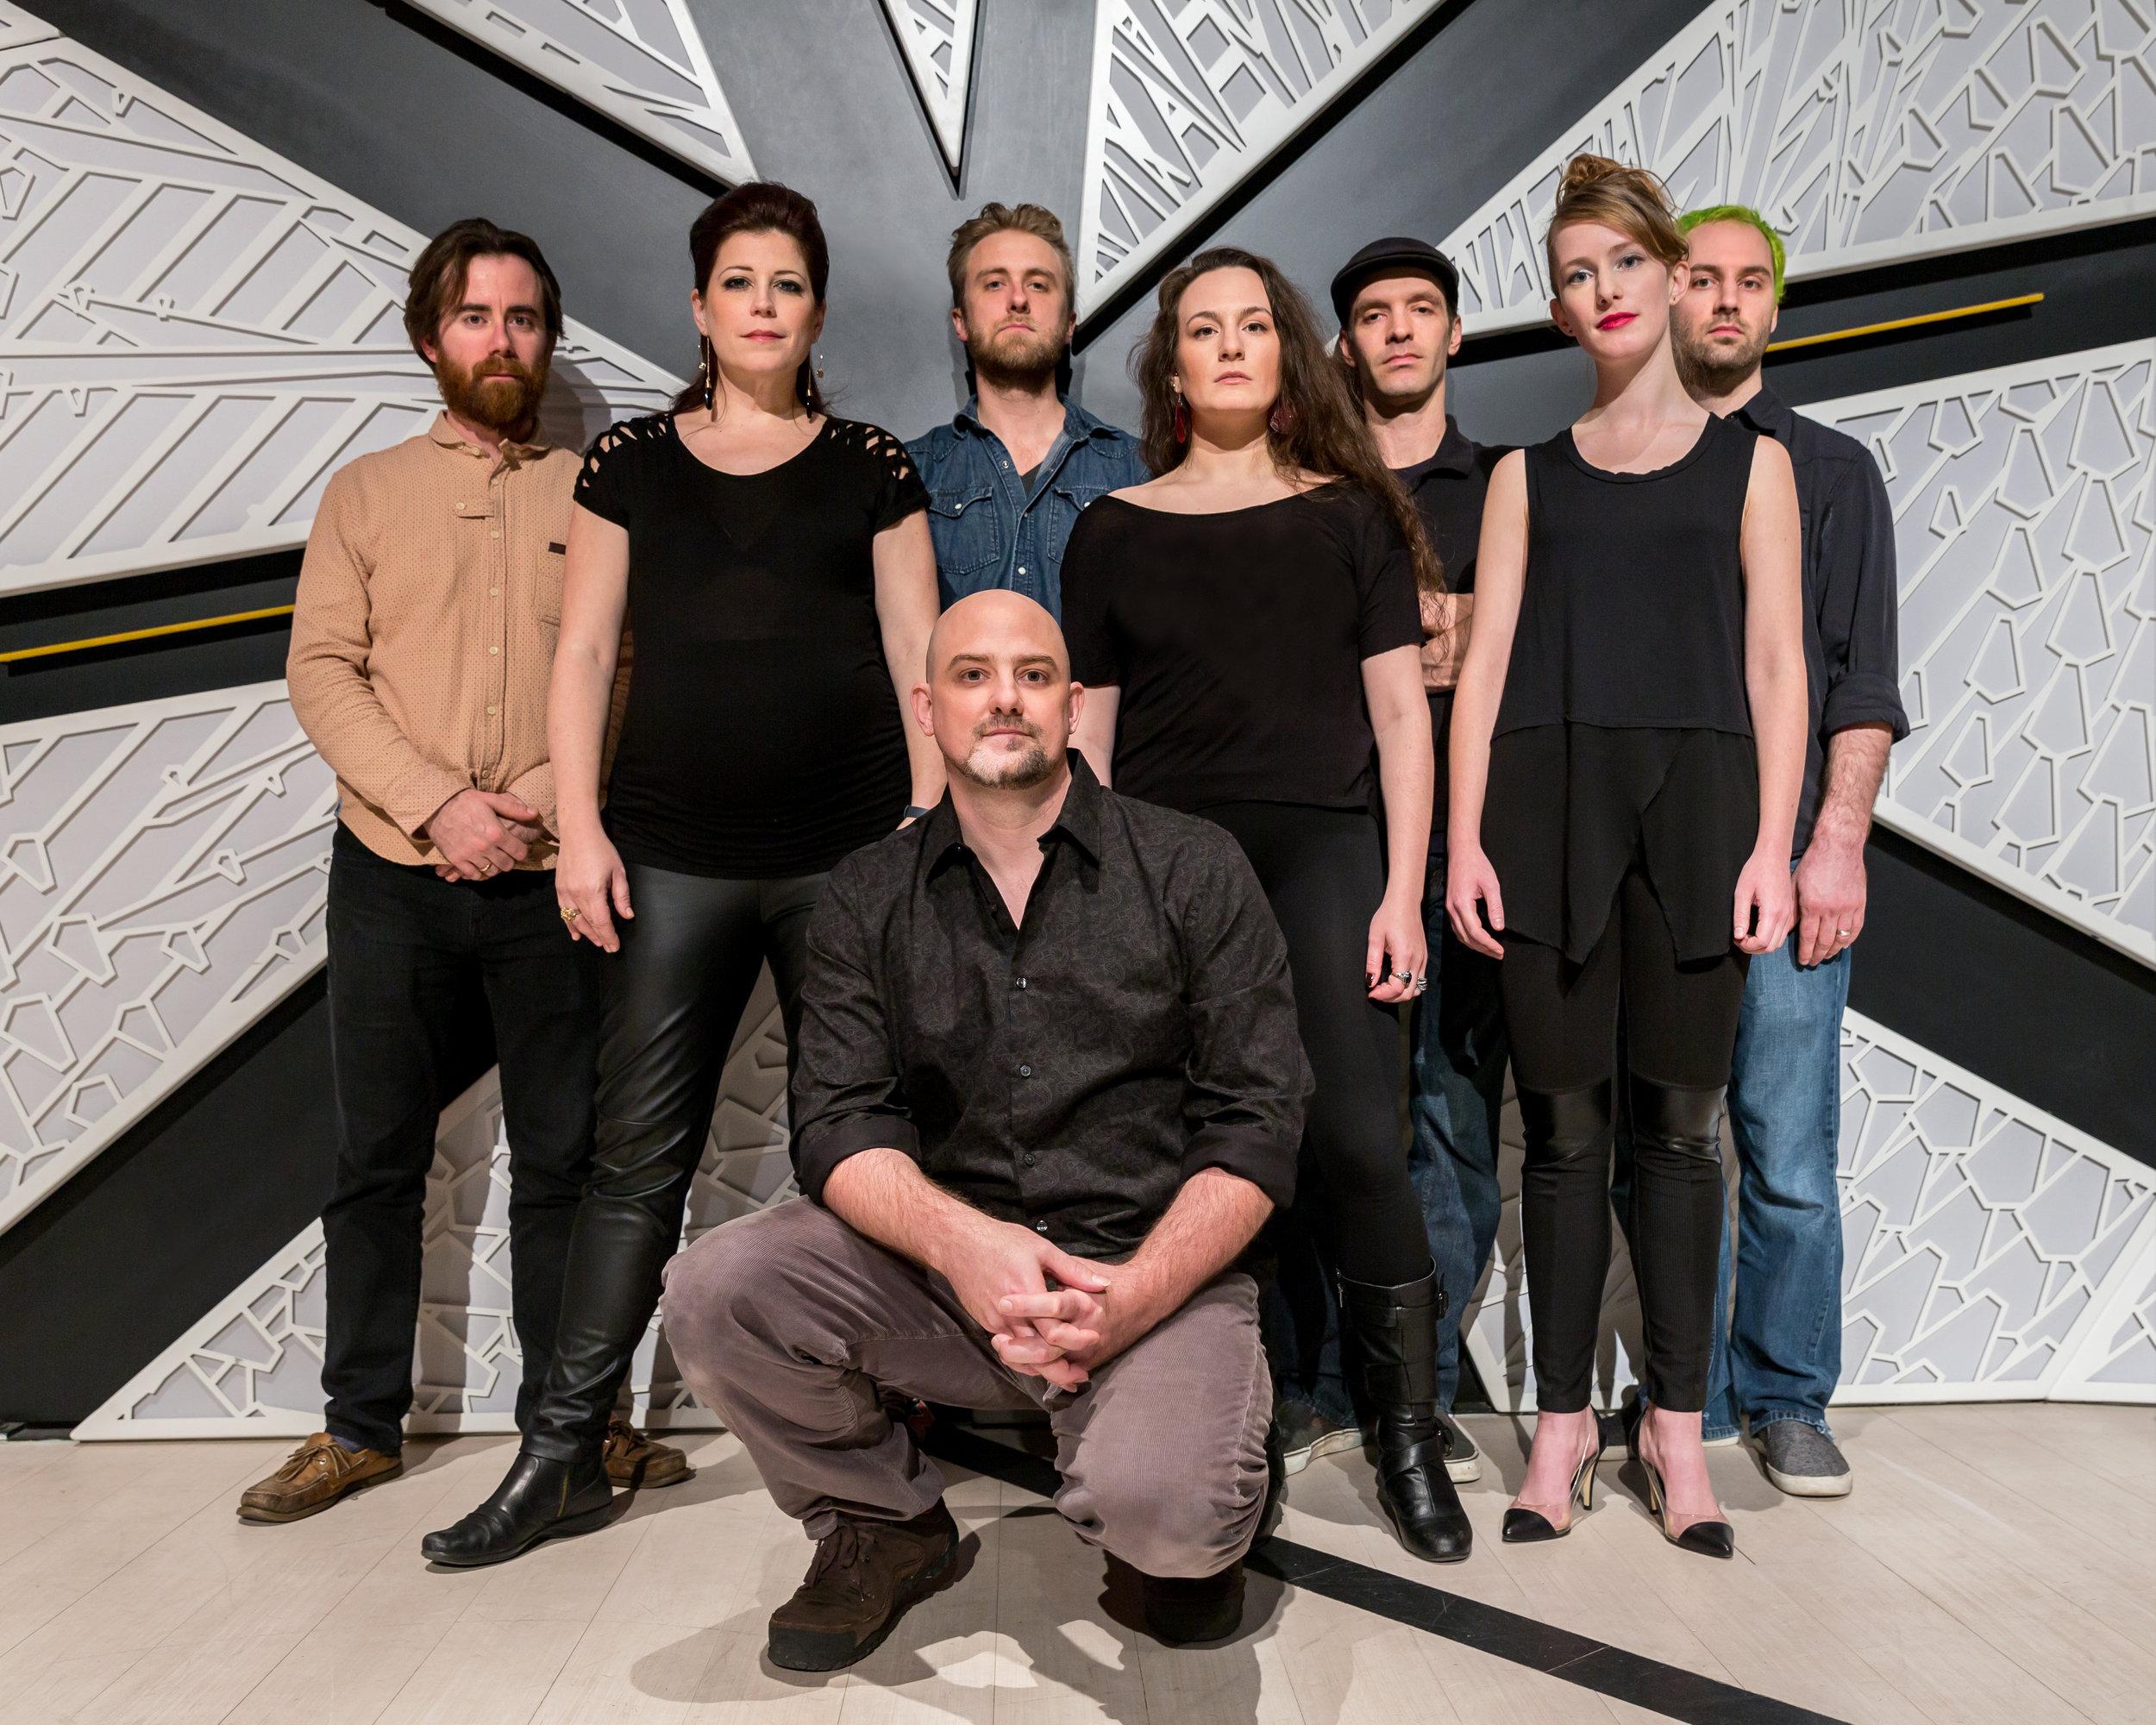 Andrew McKenna Lee with The Knells, photo credit Scott Friedlander